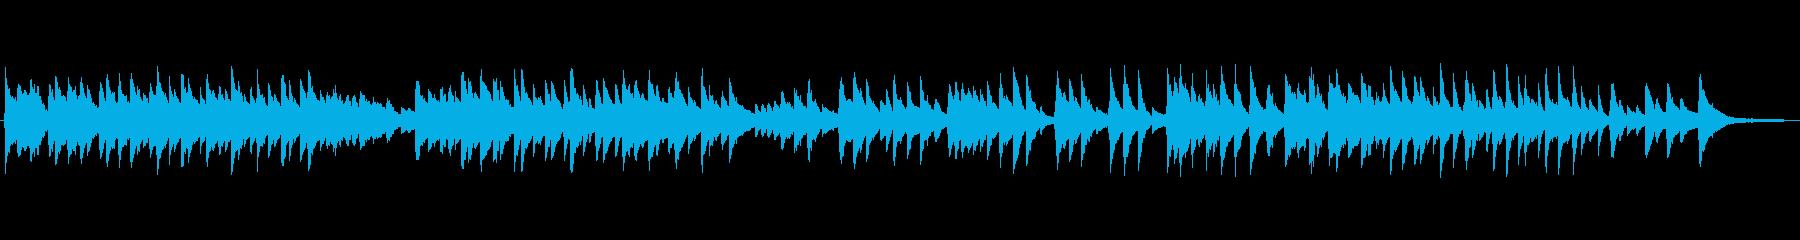 懐かしい雰囲気のジャズラウンジピアノソロの再生済みの波形